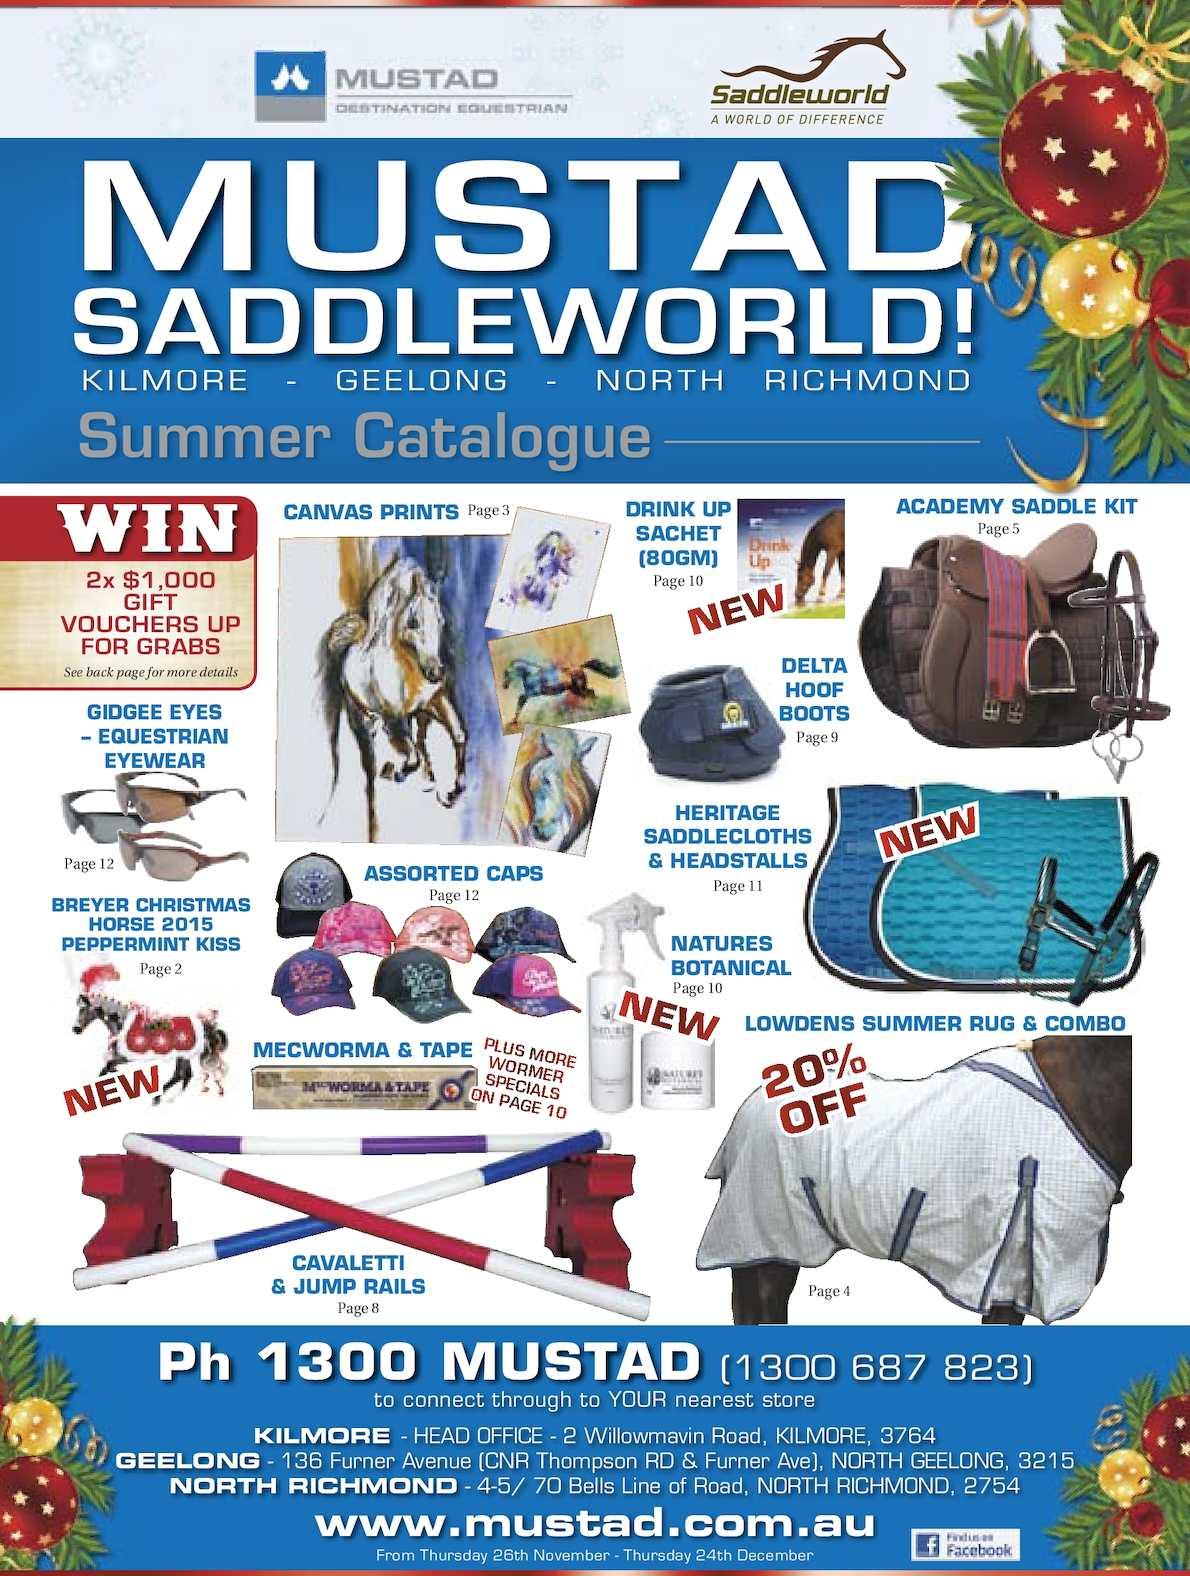 Calaméo - Mustad Saddleworld Summer Catalogue